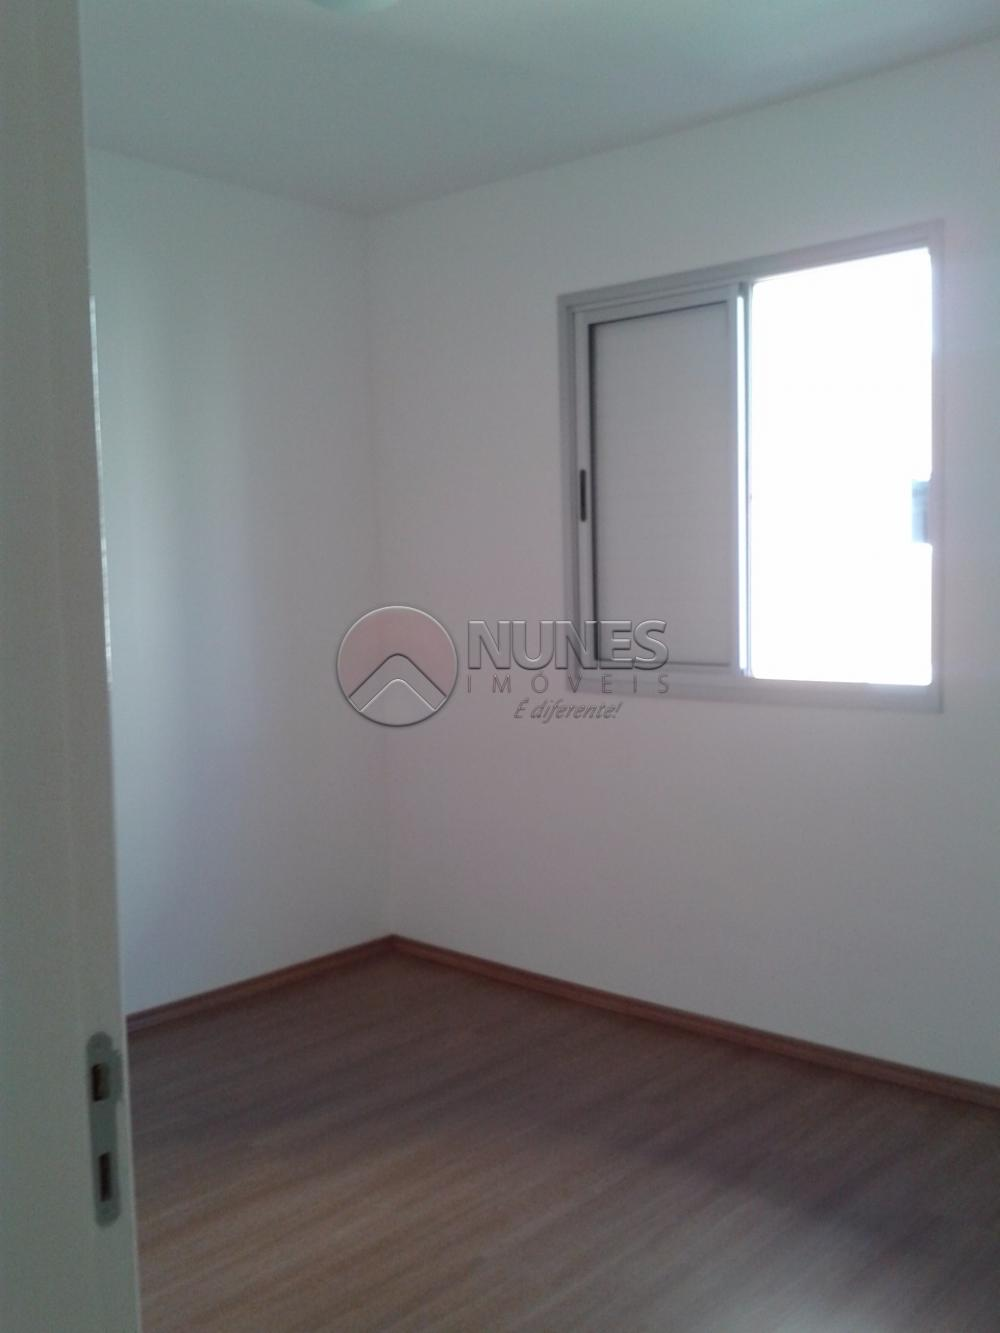 Comprar Apartamento / Padrão em São Paulo apenas R$ 300.000,00 - Foto 4